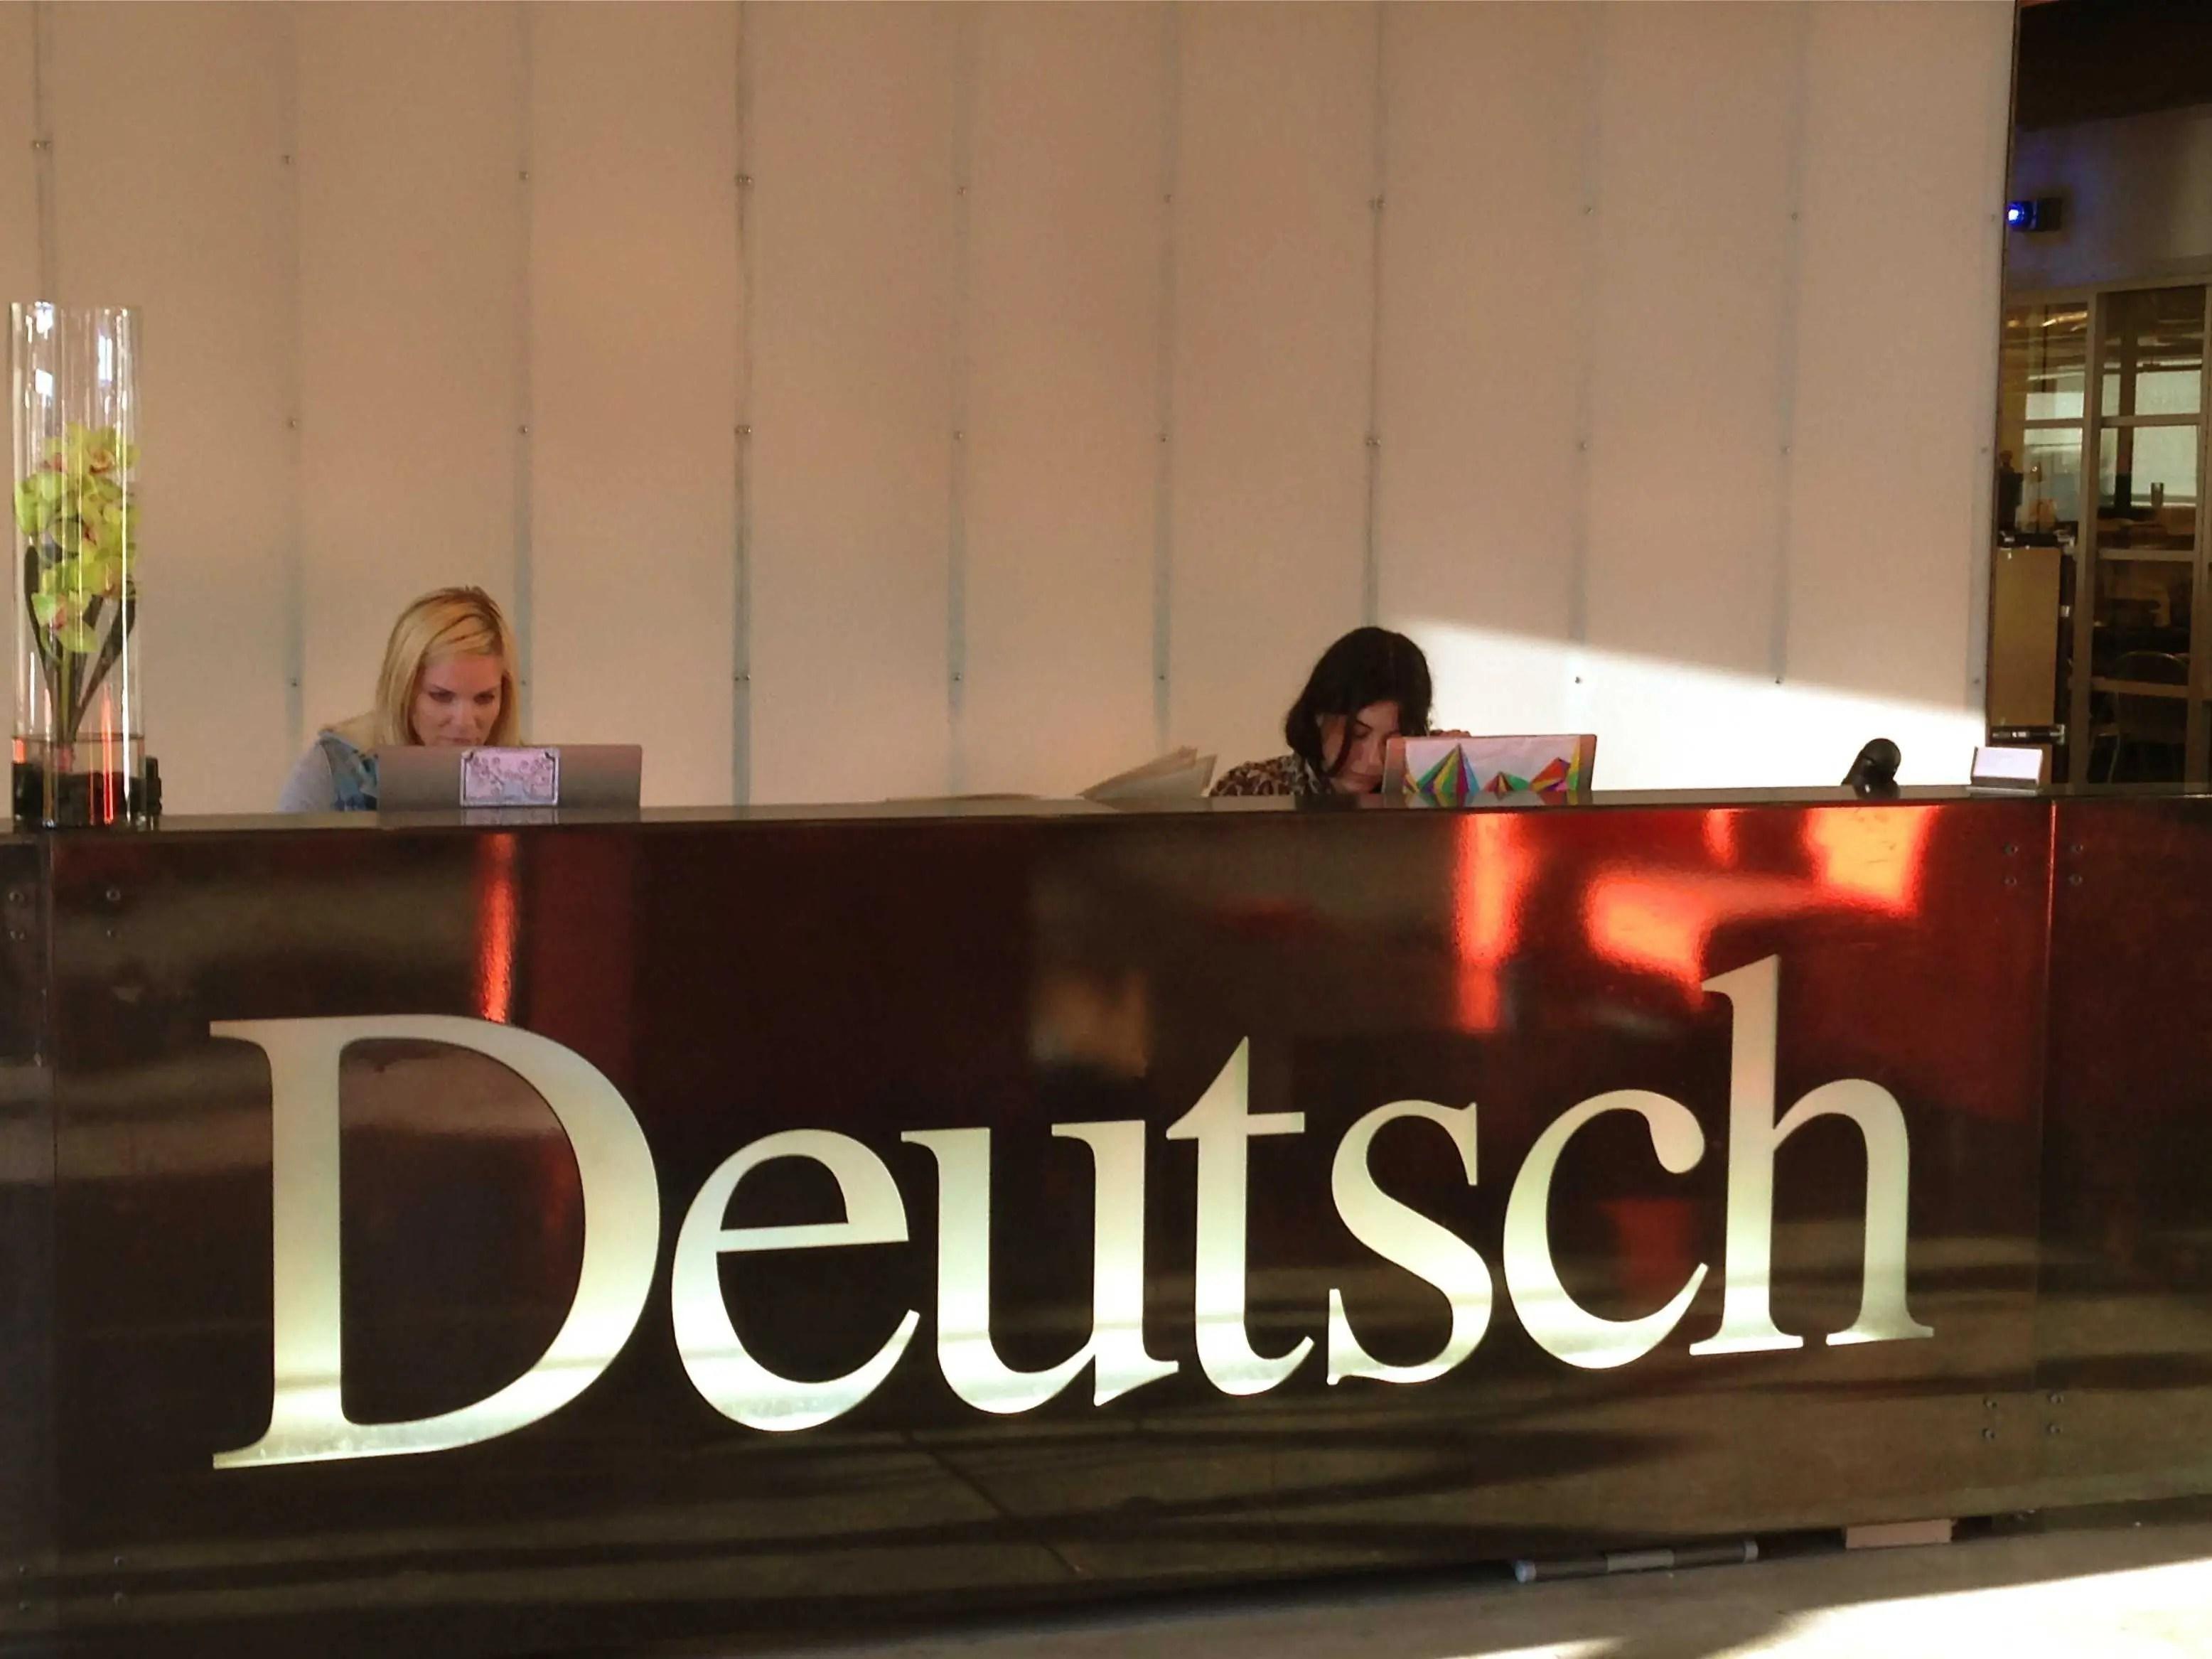 Deutsch Founder David Deutsch Has Died THE BRIEF  Business Insider